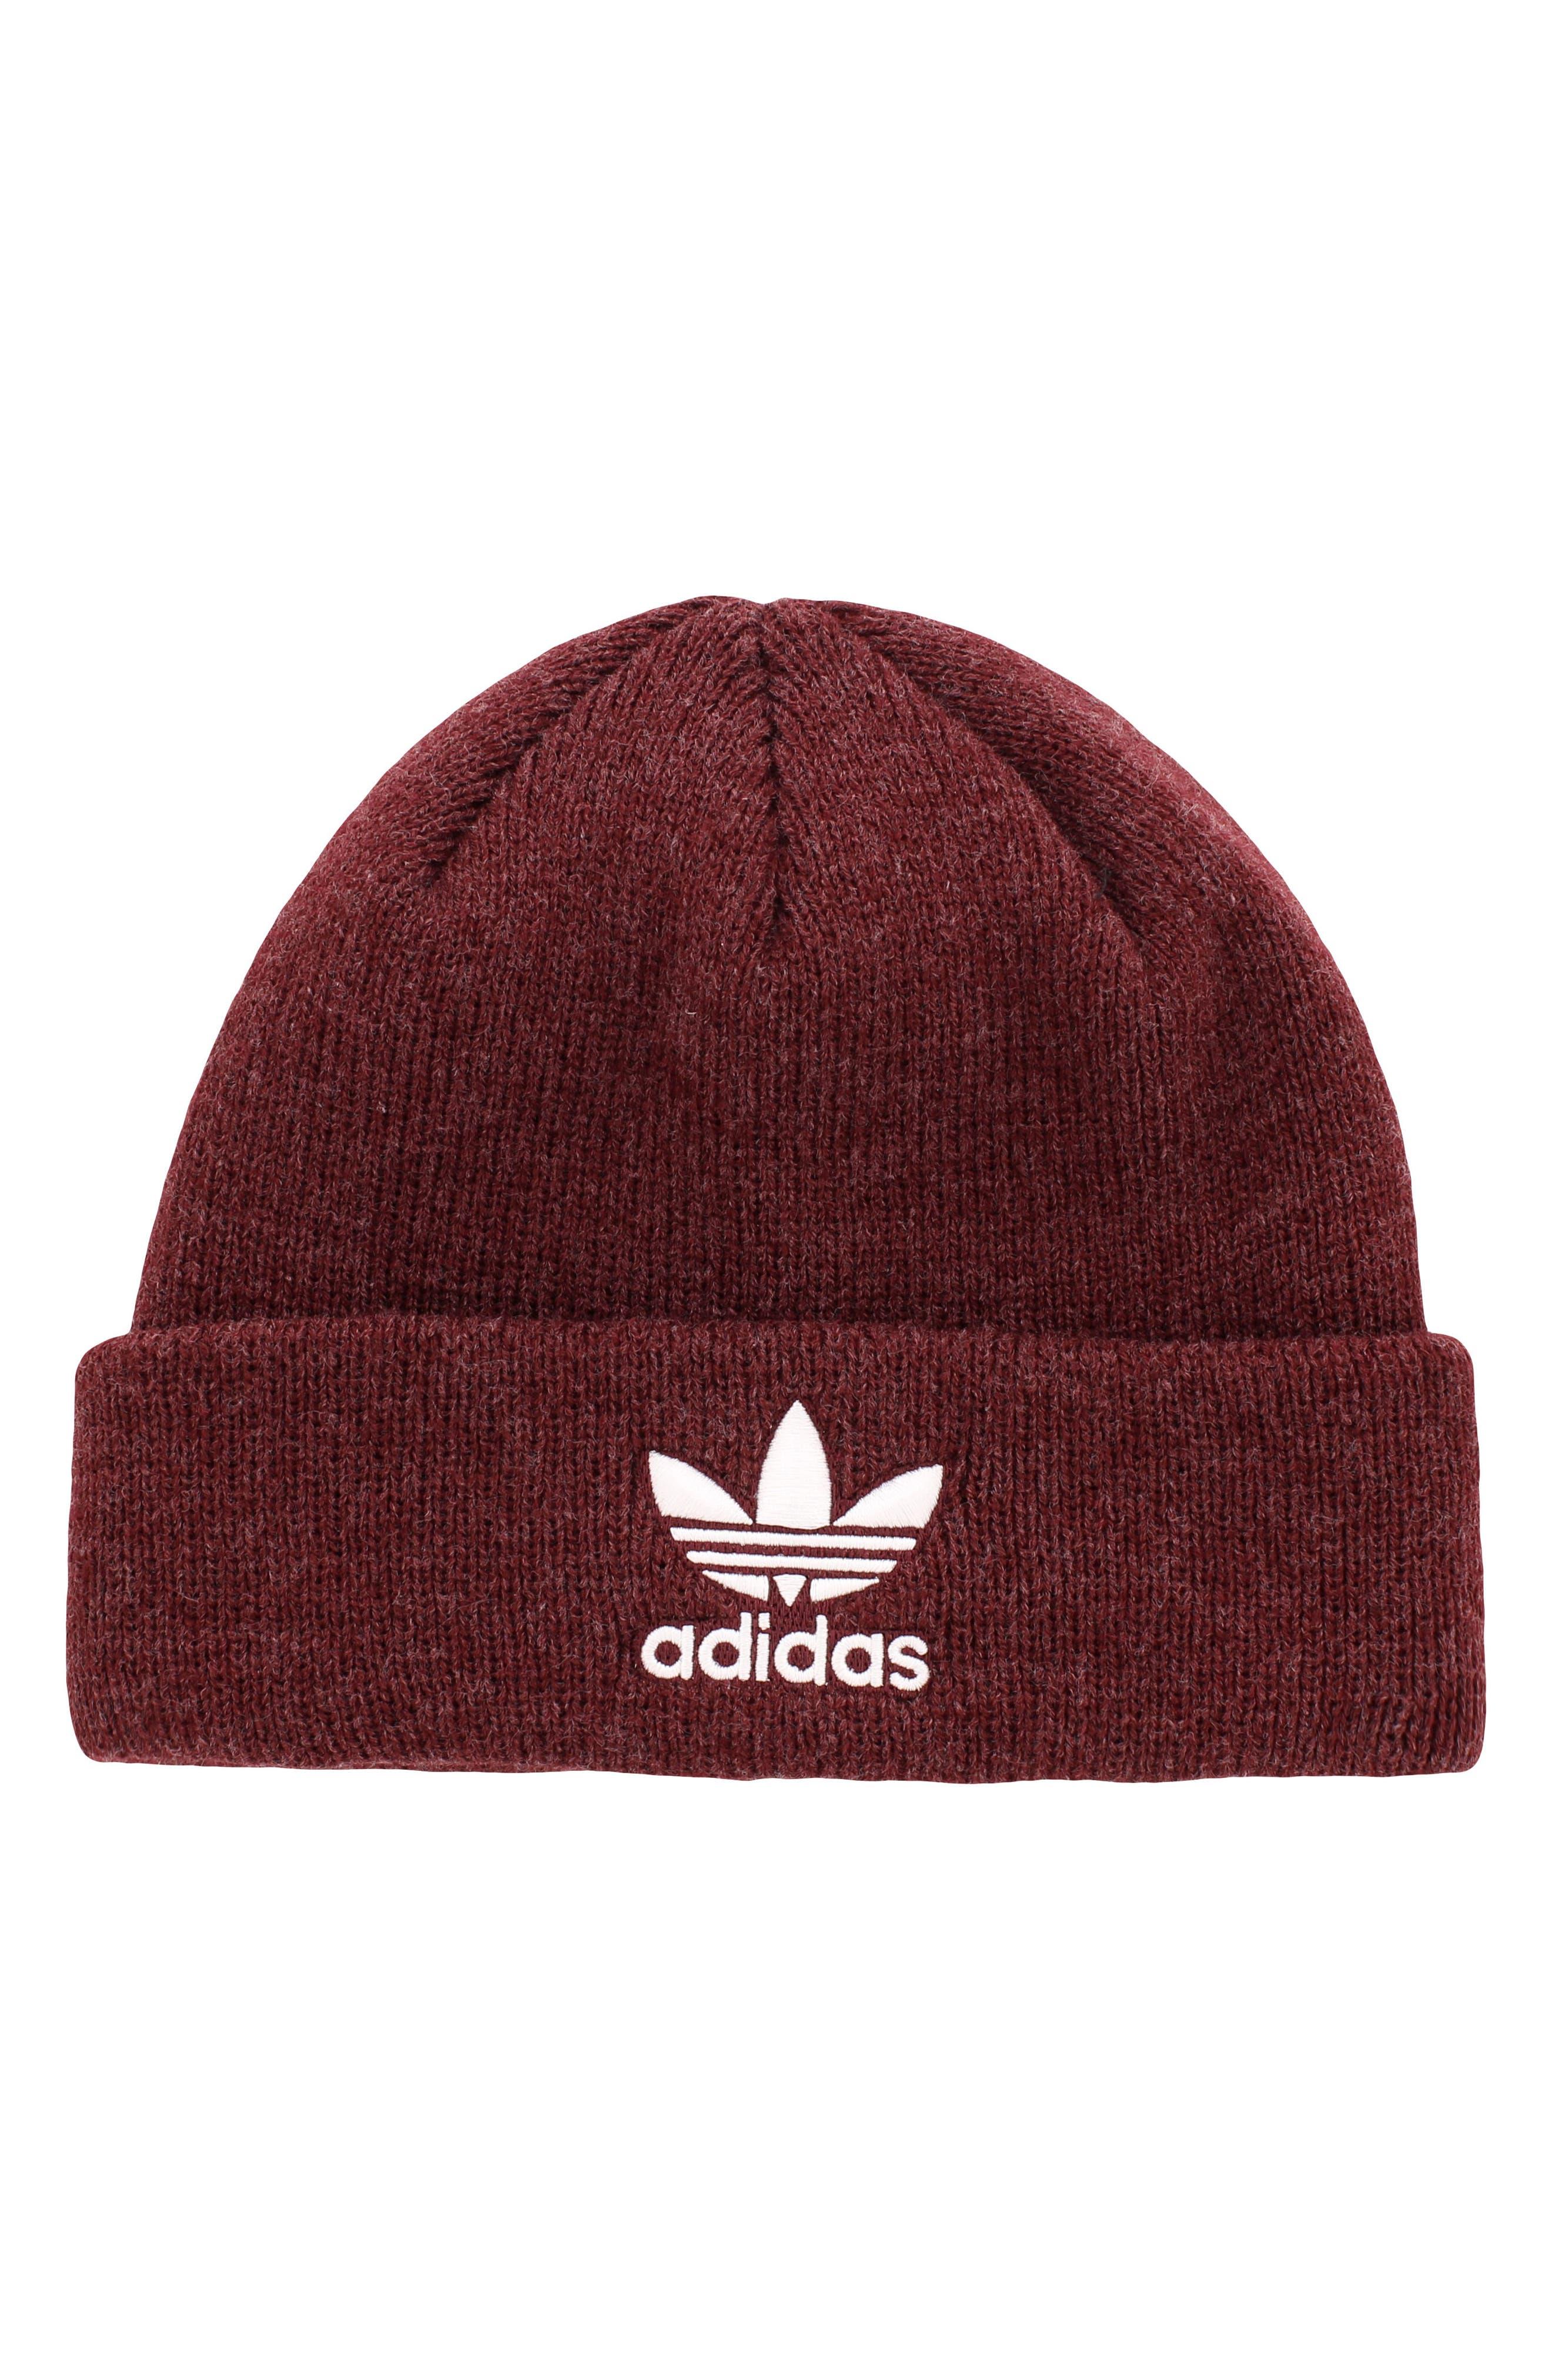 Main Image - adidas Originals Trefoil II Knit Cap